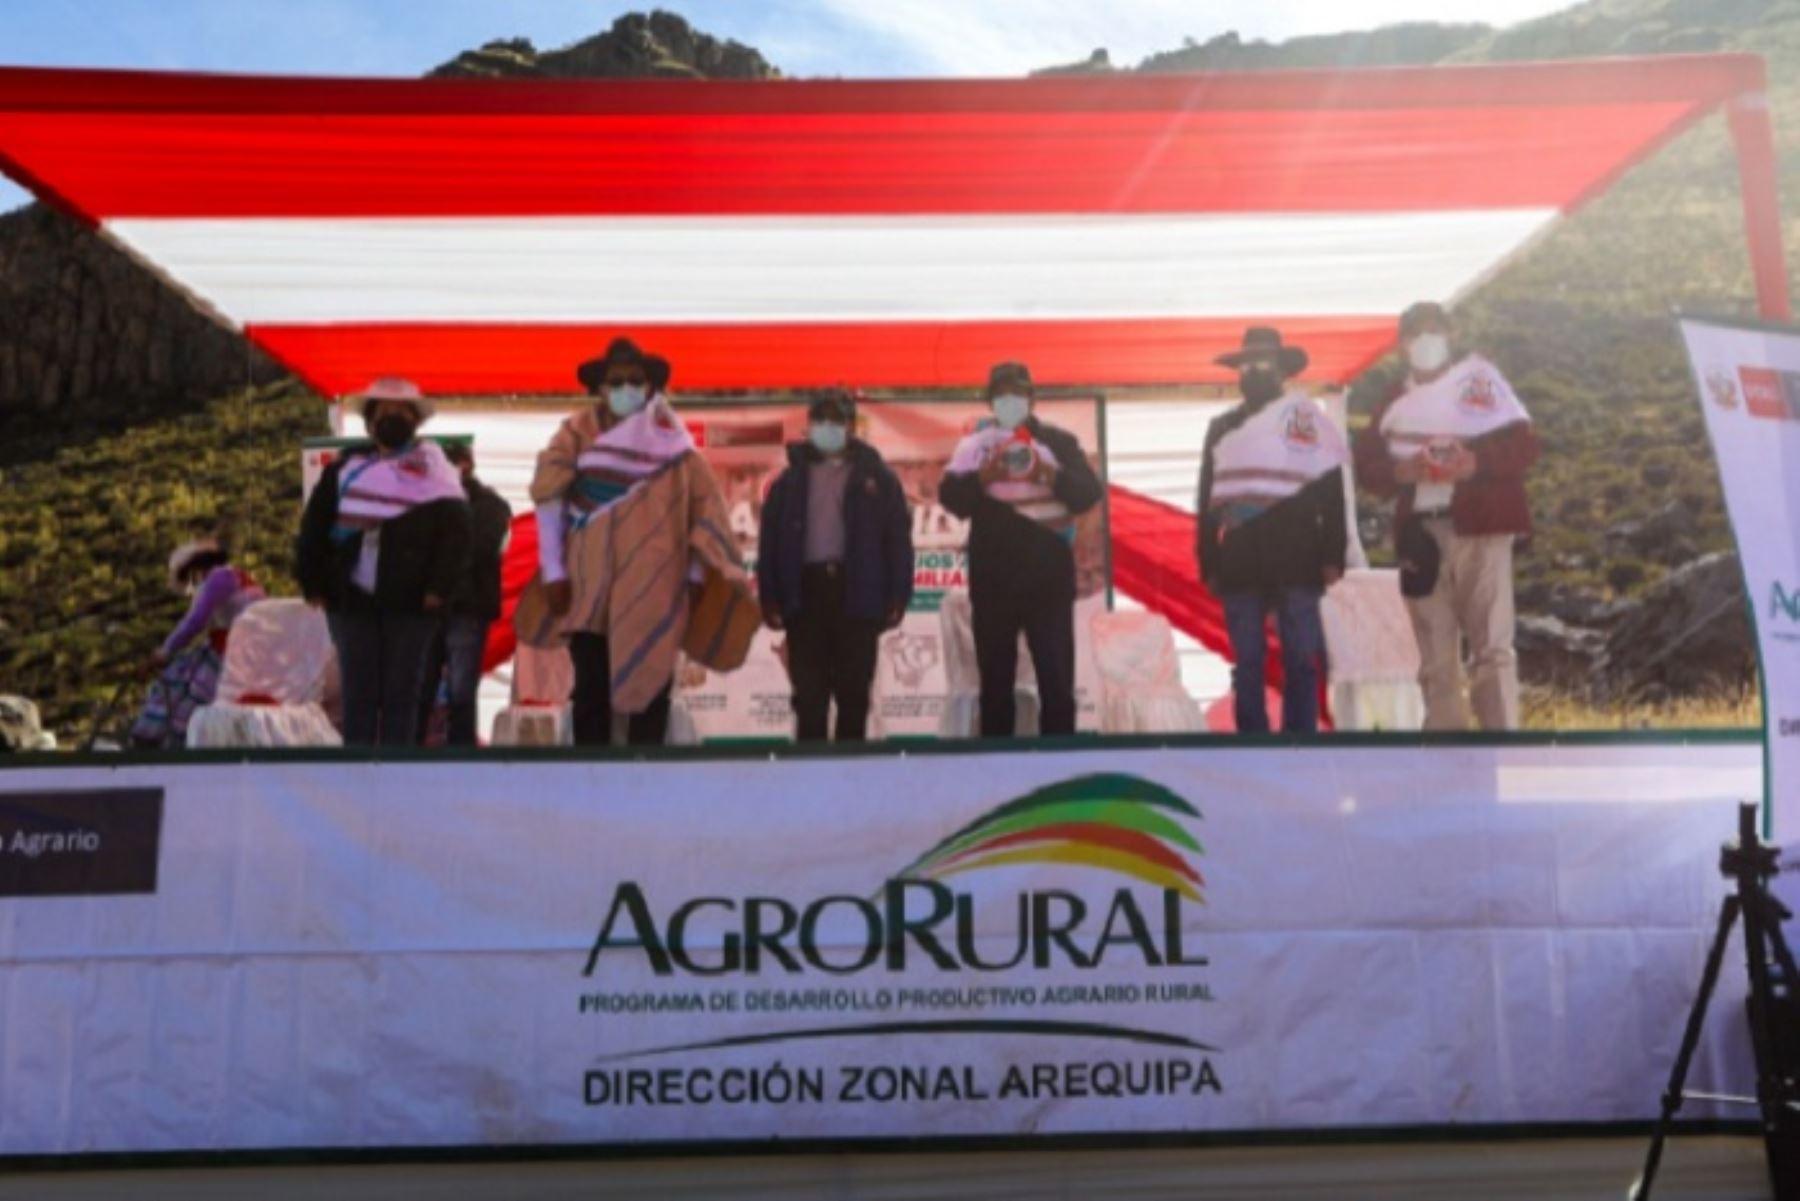 El Midagri ha intensificado sus inversiones en la región Arequipa, donde el 50 % de los recursos se concentran en Caylloma.